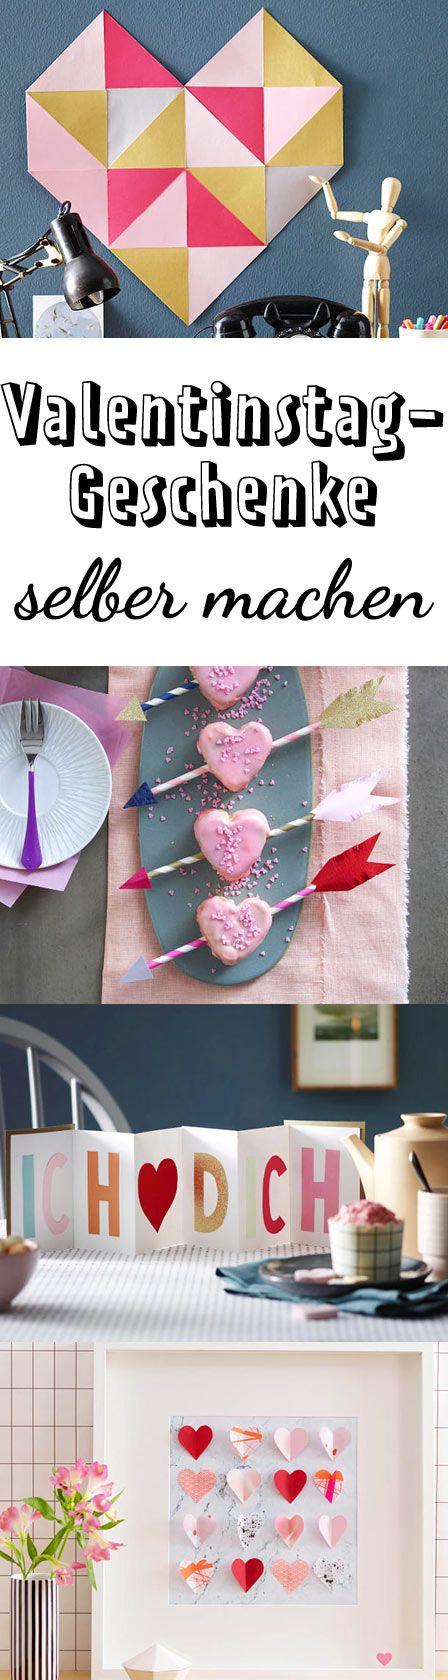 Valentinstag geschenke selber machen 5 herzige ideen valentinstag rezepte geschenke - Selbstgemachte valentinstag geschenke ...